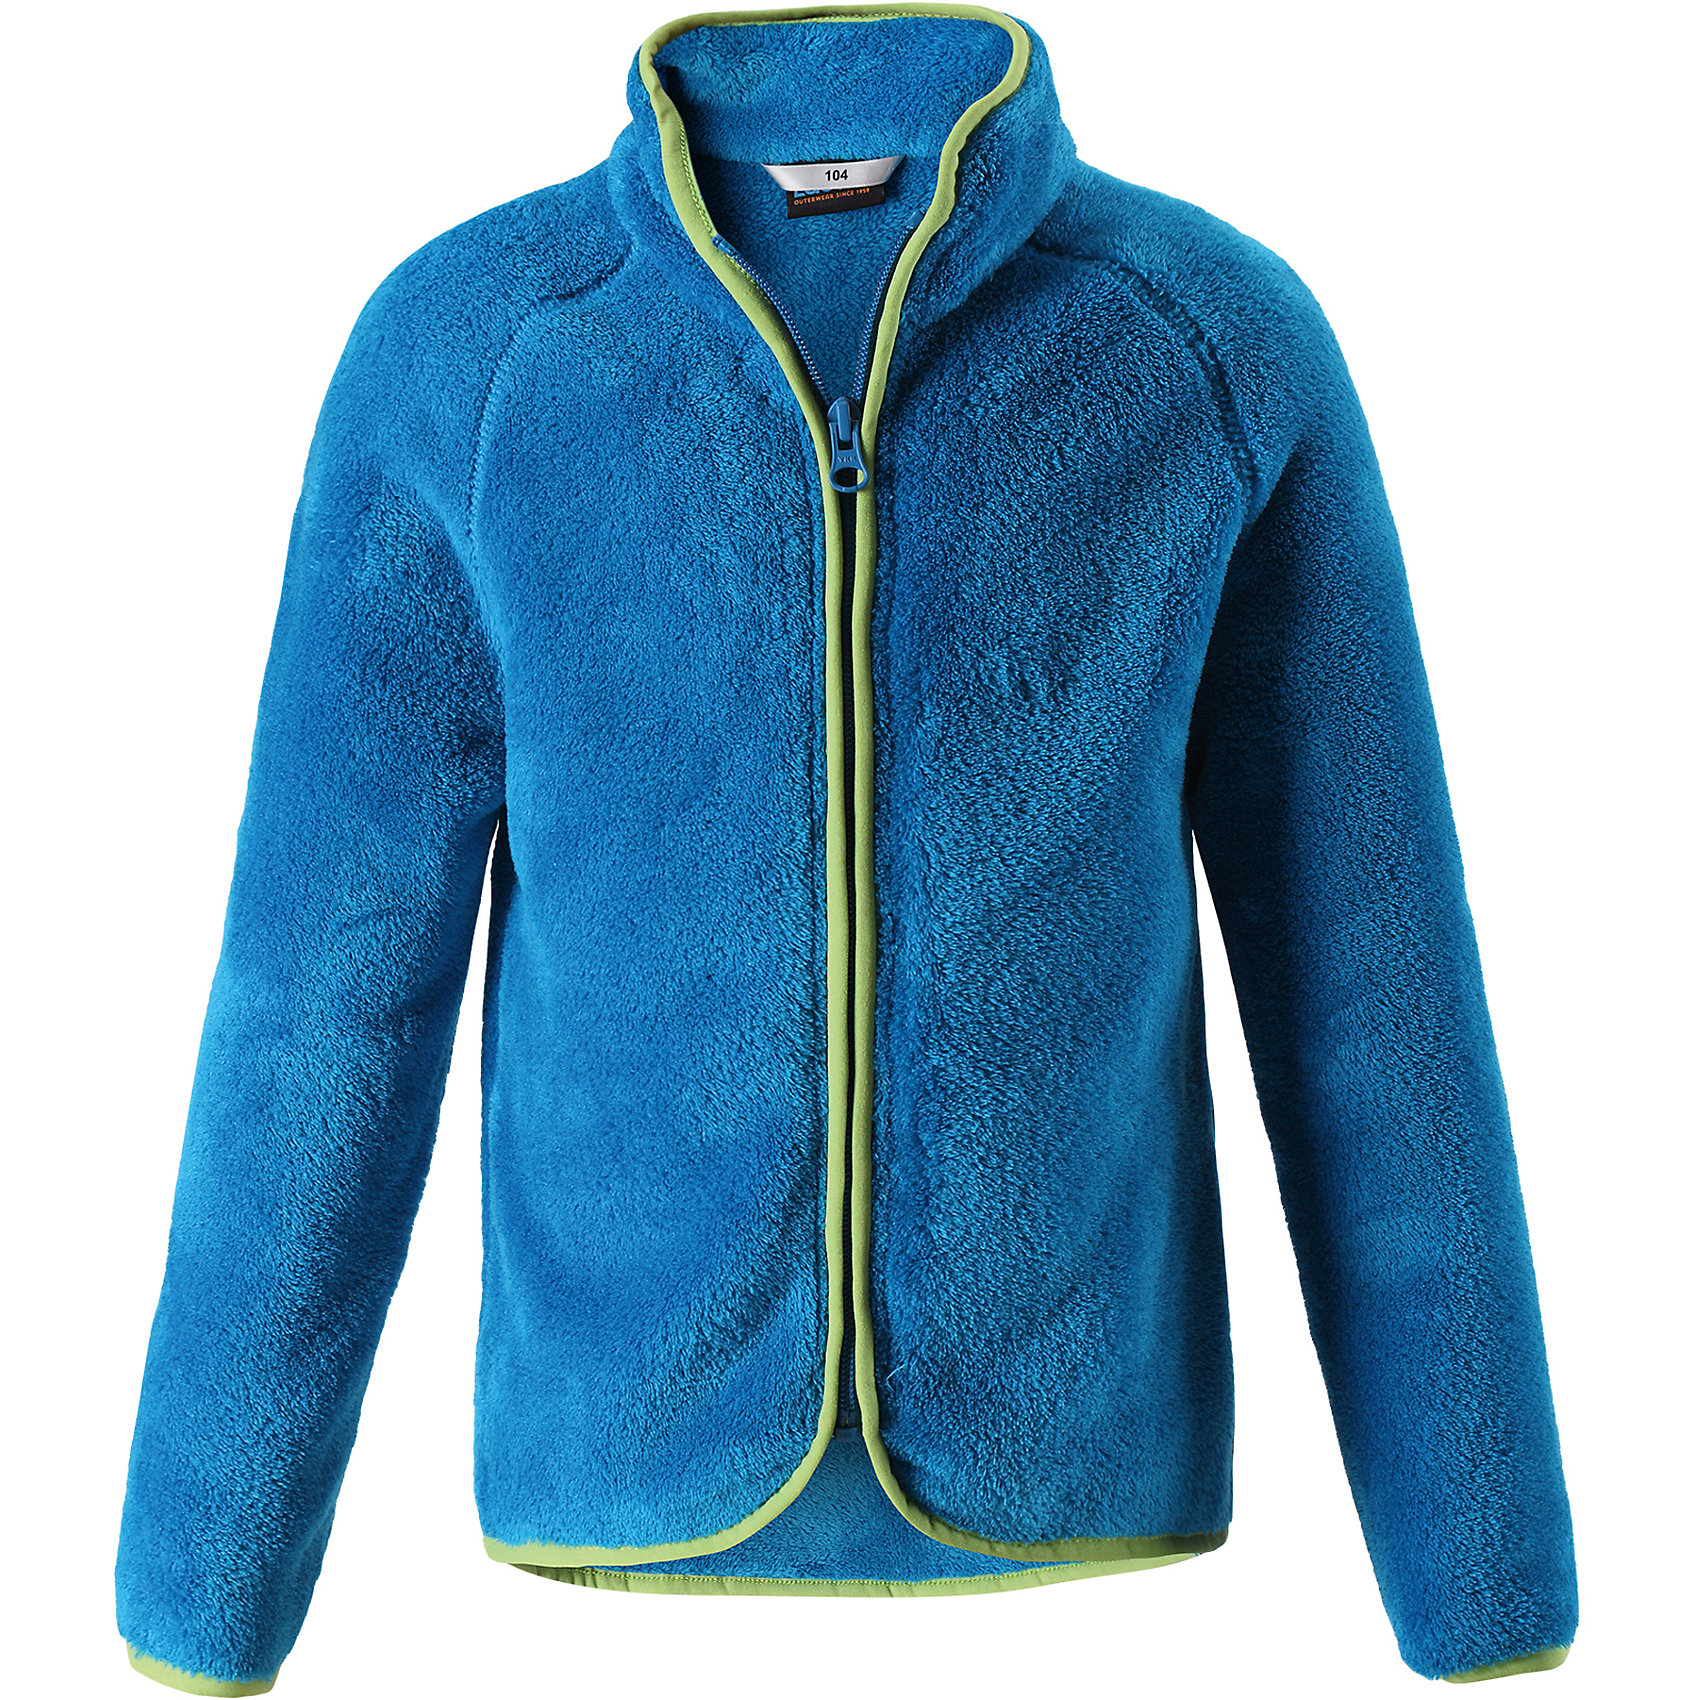 Флисовая кофта LassieОдежда<br>Характеристики товара:<br><br>• цвет: синий;<br>• состав: 100% полиэстер, флис 260 г/м2;<br>• сезон: зима;<br>• застежка: молния по всей длине;<br>• выводит влагу в верхние слои одежды;<br>• простой в уходе материал, быстро сохнет; <br>• мягкий и удобный, пушистый флисовый материал;<br>• эластичная резинка на воротнике, манжетах и подоле; <br>• страна бренда: Финляндия;<br>• страна изготовитель: Китай;<br><br>Флисовая кофта – то, что надо! Флис – простой в уходе и быстросохнущий материал, который отводит влагу от кожи и отлично согревает, в нем маленькому любителю прогулок будет всегда тепло. А благодаря практичной молнии во всю длину спереди куртку легко надевать.<br><br>Флисовая кофта Lassie (Ласси) можно купить в нашем интернет-магазине.<br><br>Ширина мм: 190<br>Глубина мм: 74<br>Высота мм: 229<br>Вес г: 236<br>Цвет: синий<br>Возраст от месяцев: 108<br>Возраст до месяцев: 120<br>Пол: Унисекс<br>Возраст: Детский<br>Размер: 140,92,98,104,110,116,122,128,134<br>SKU: 6927961